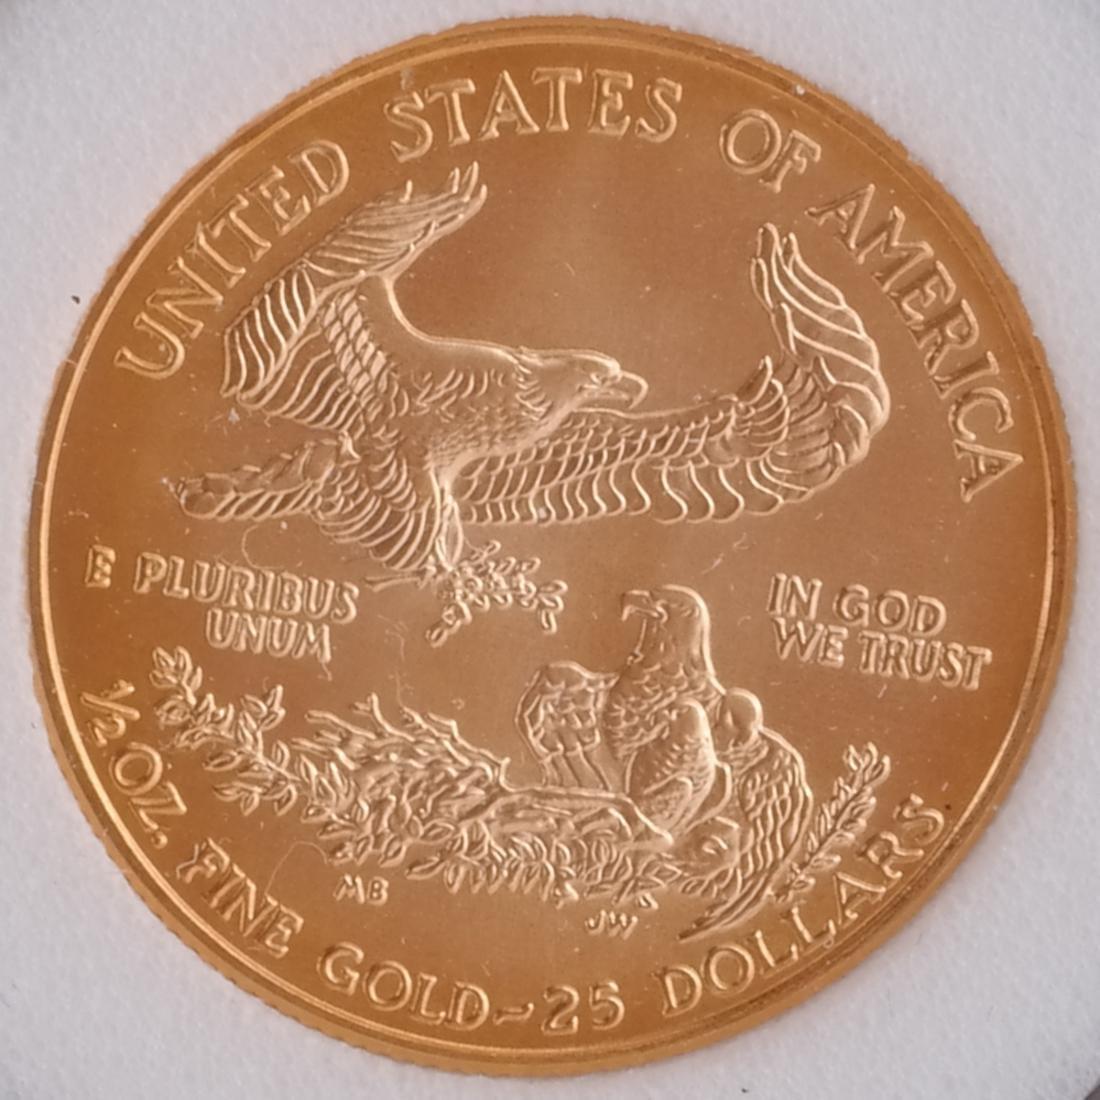 2 Gold Eagles - 3